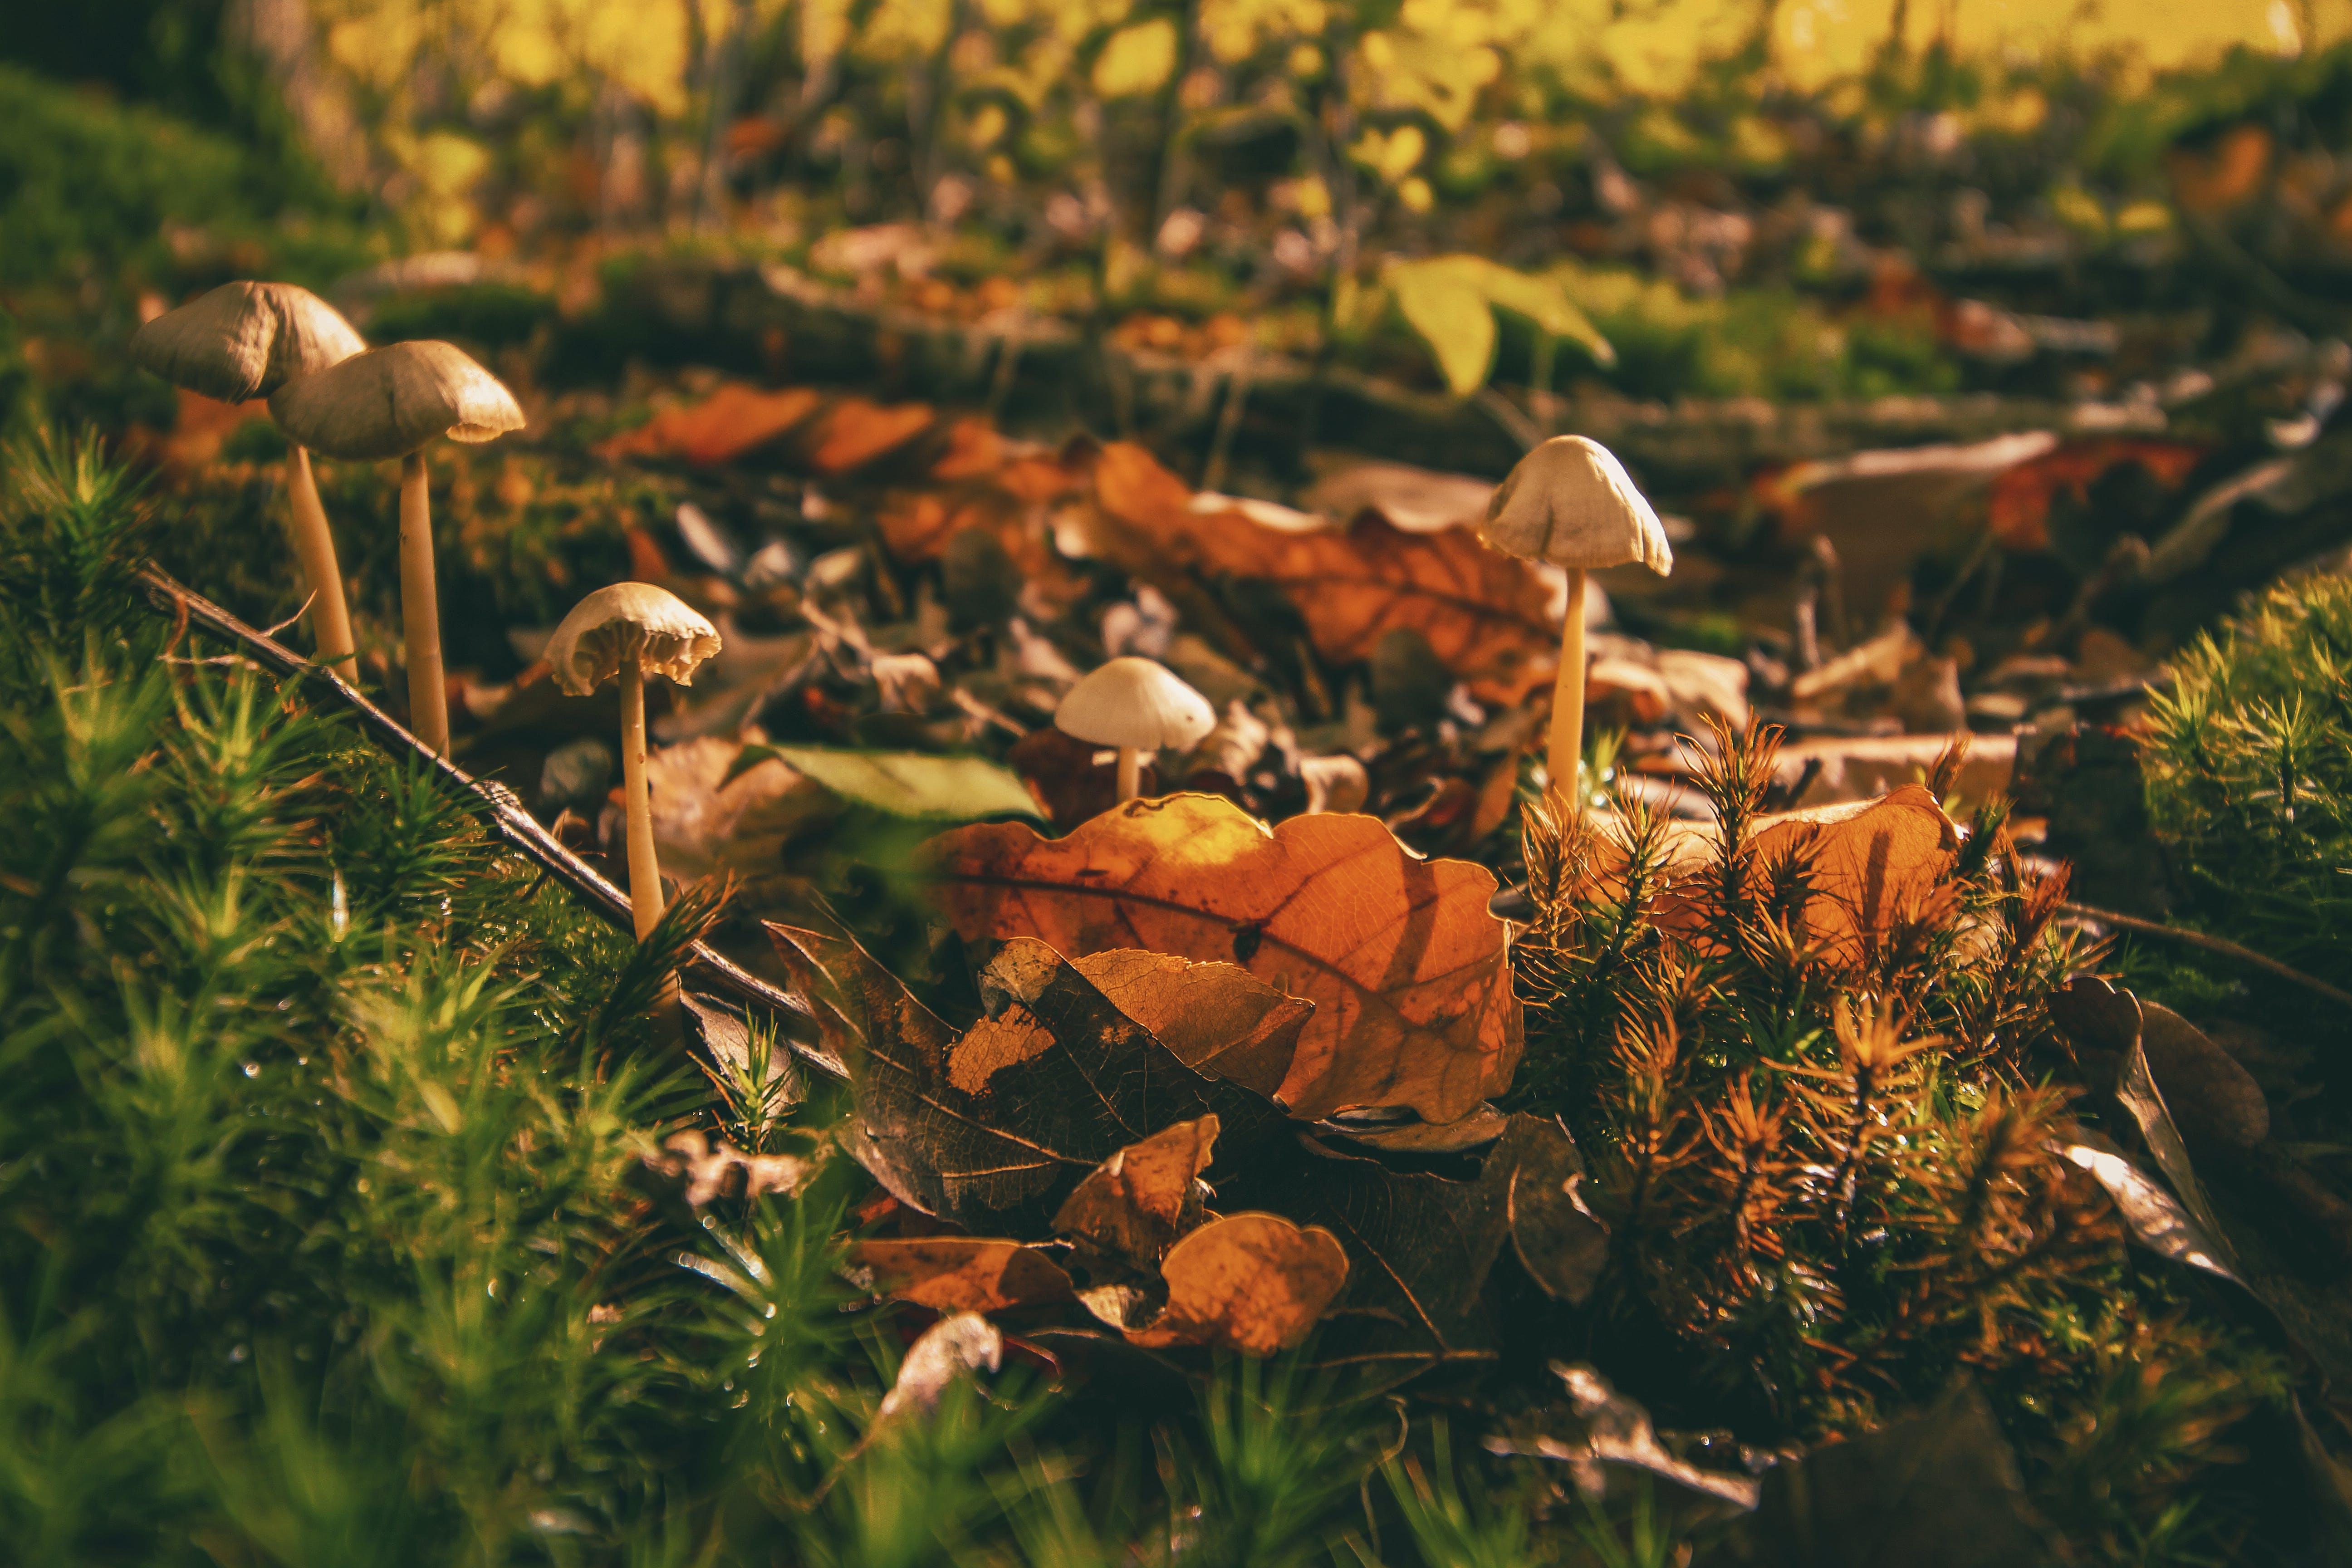 gras, jahreszeit, naturfotografie